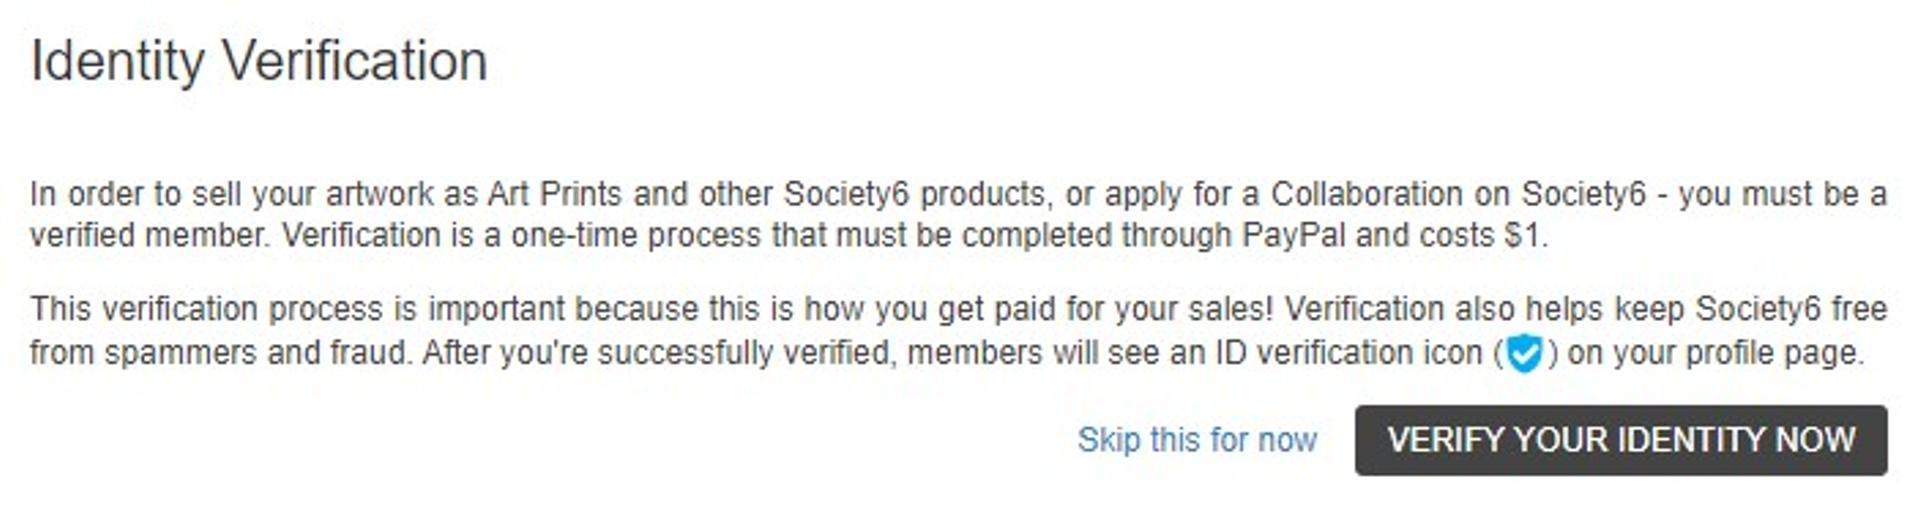 society6 identity verification cost